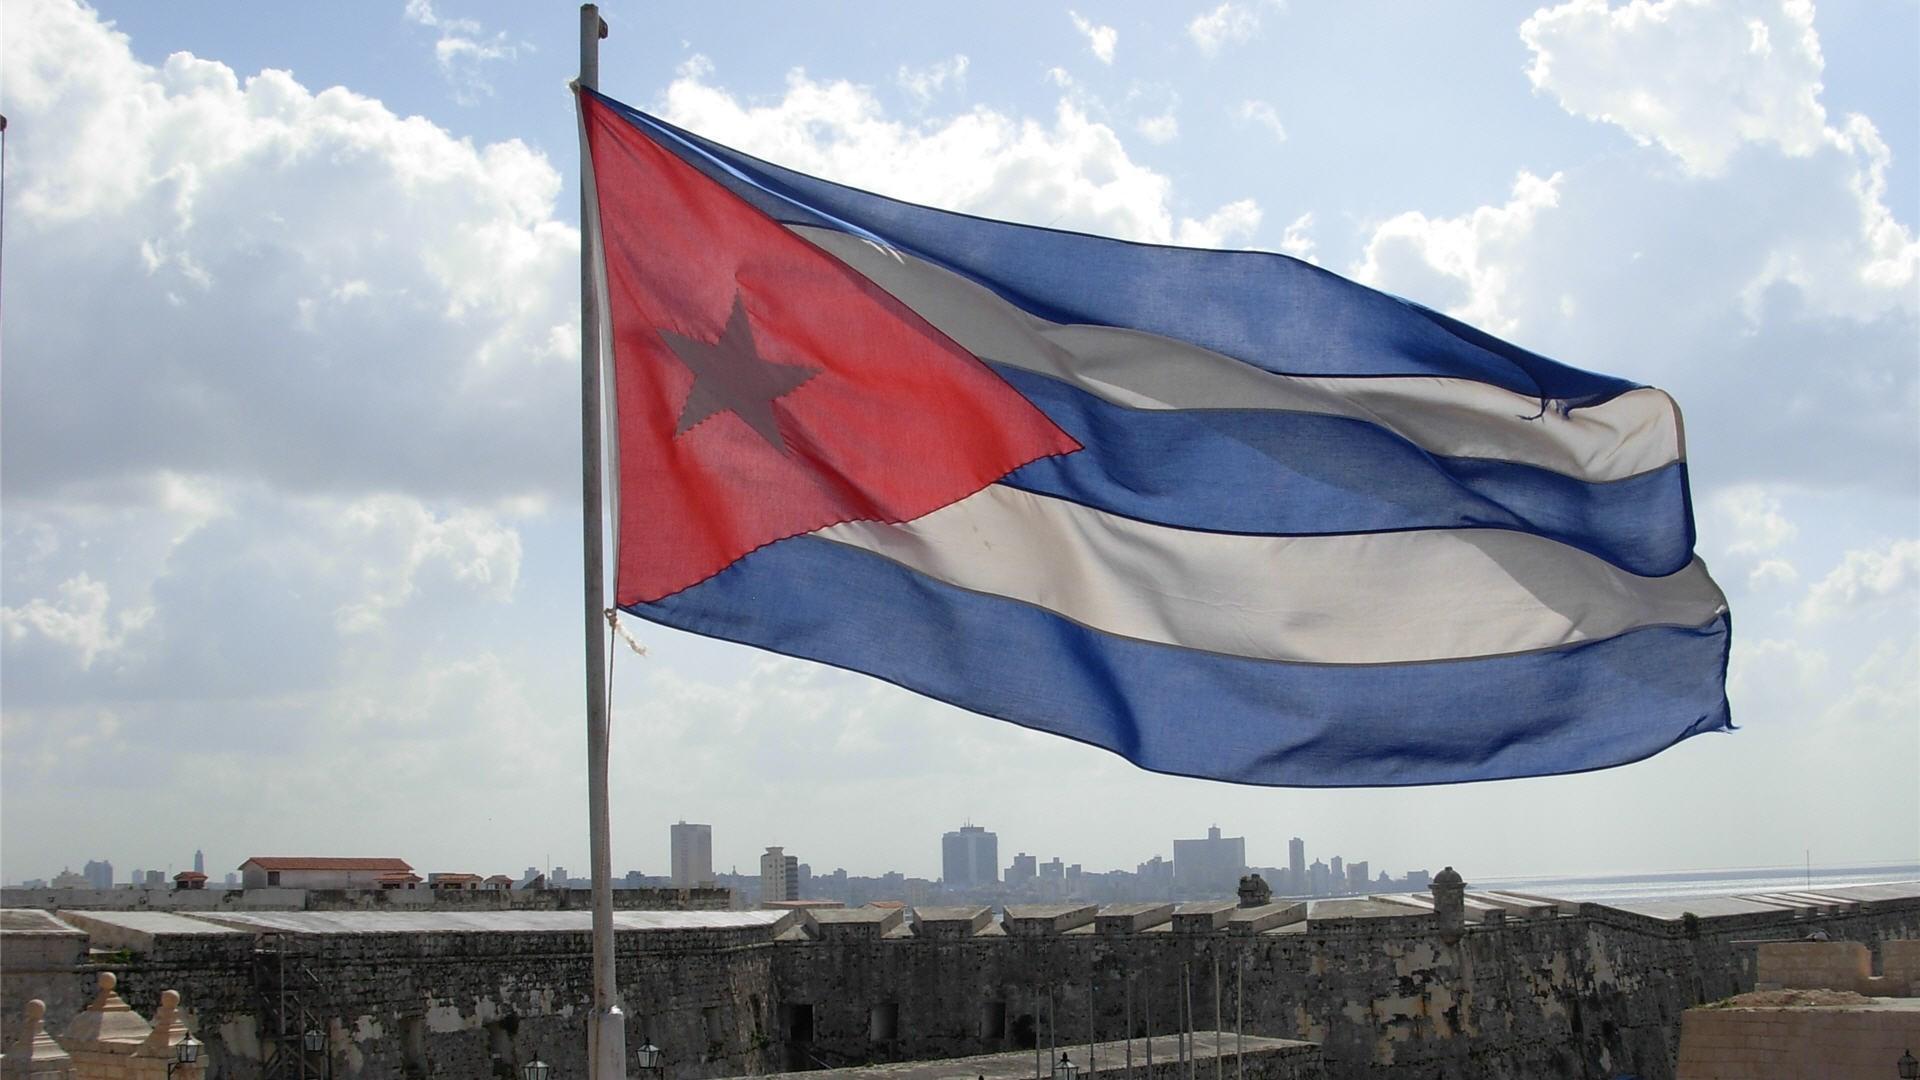 cuban flag hd wallpaper